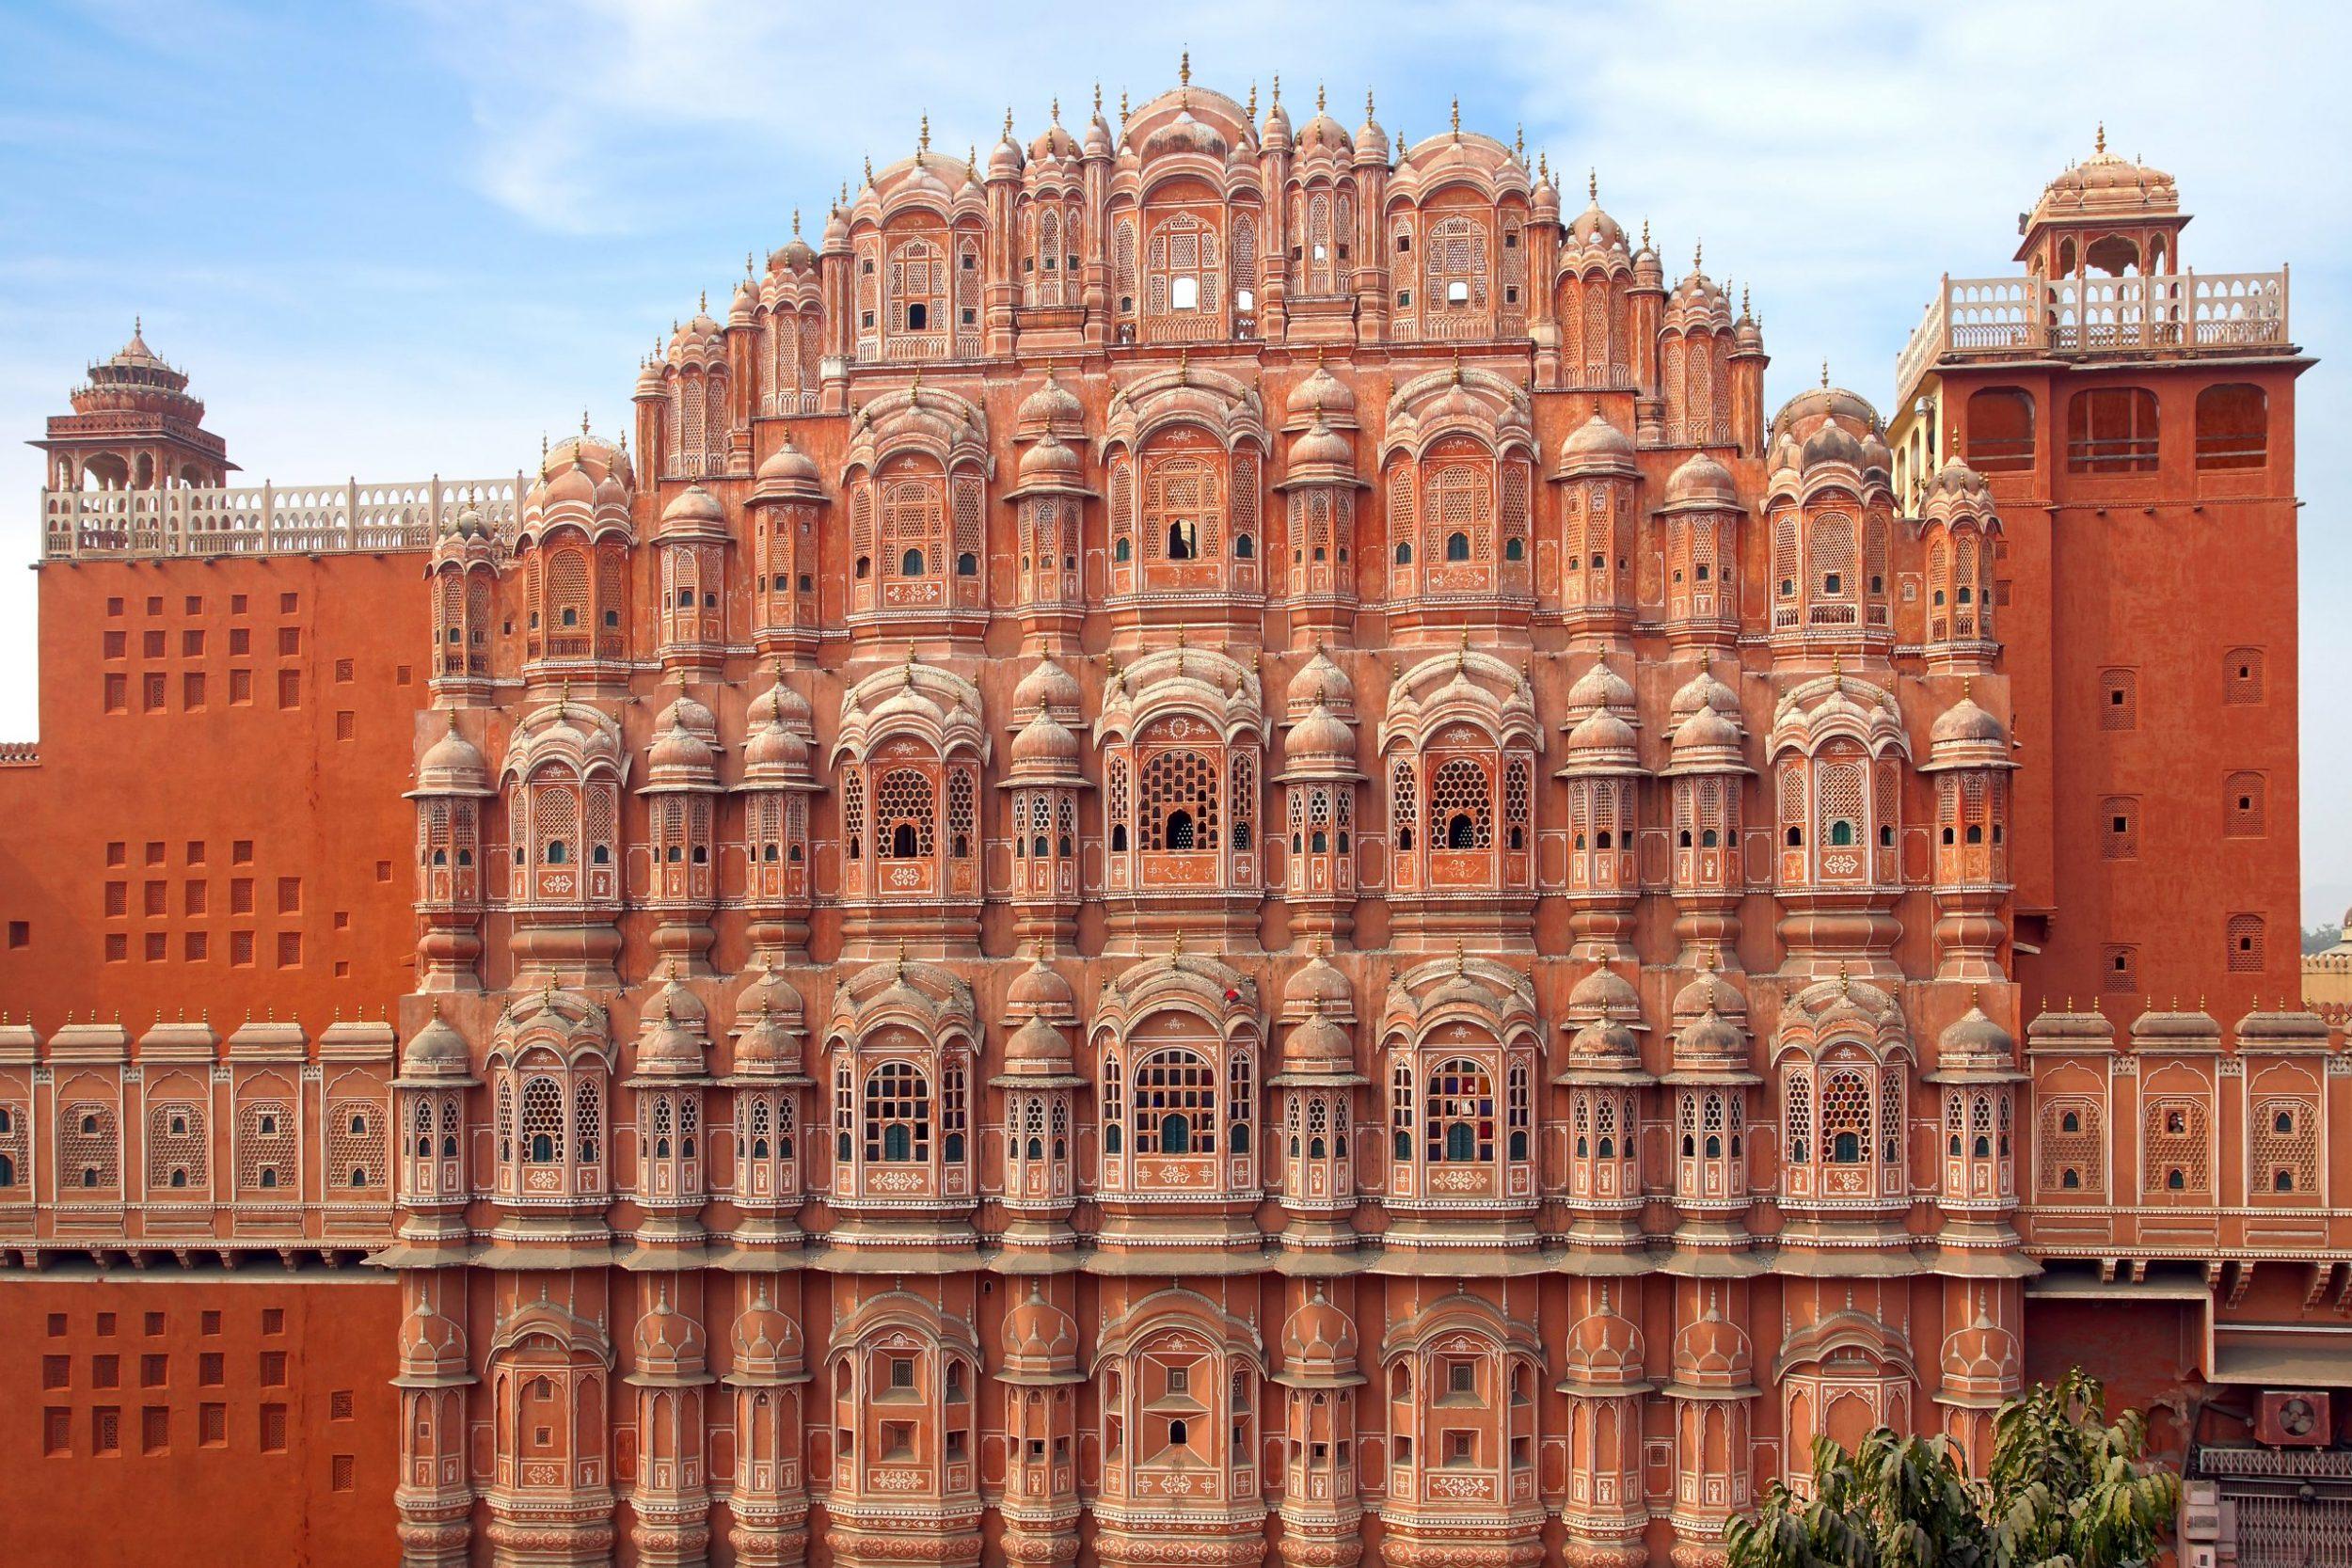 India - Palace of Winds Jaipur